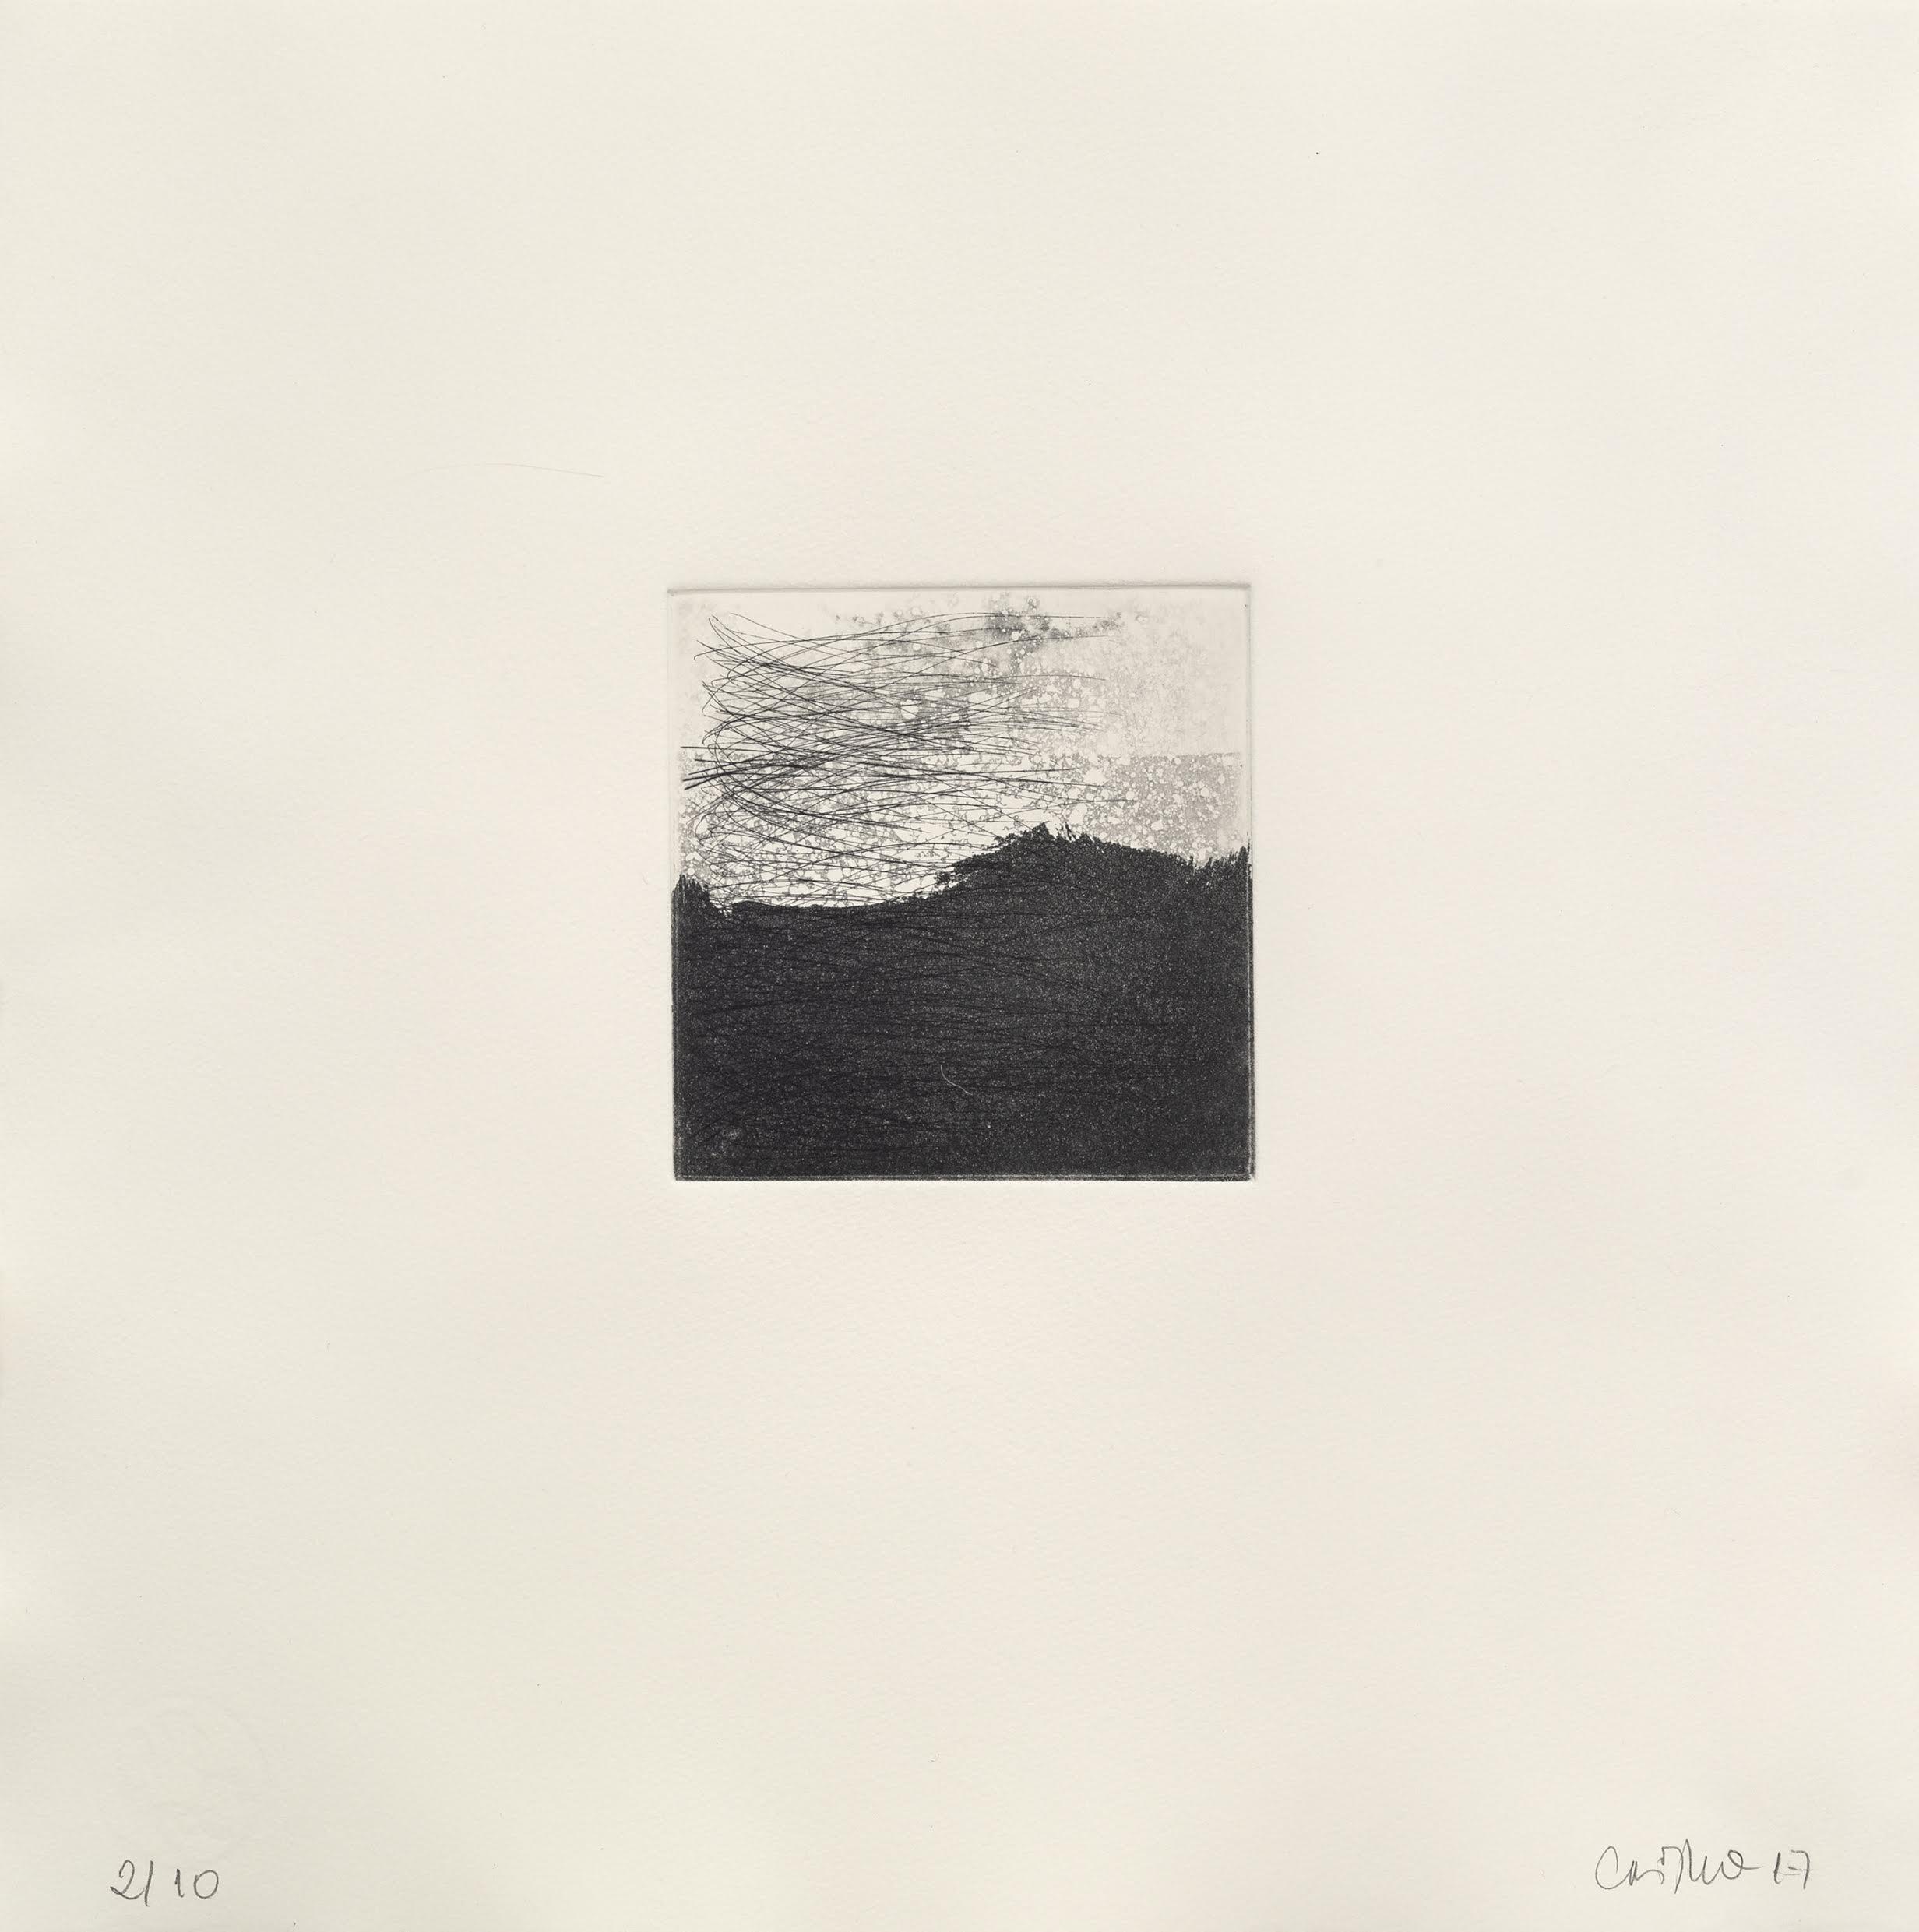 Sem título, 2017  gravura em metal  edição 1/10  37,5 x 37,5 cm